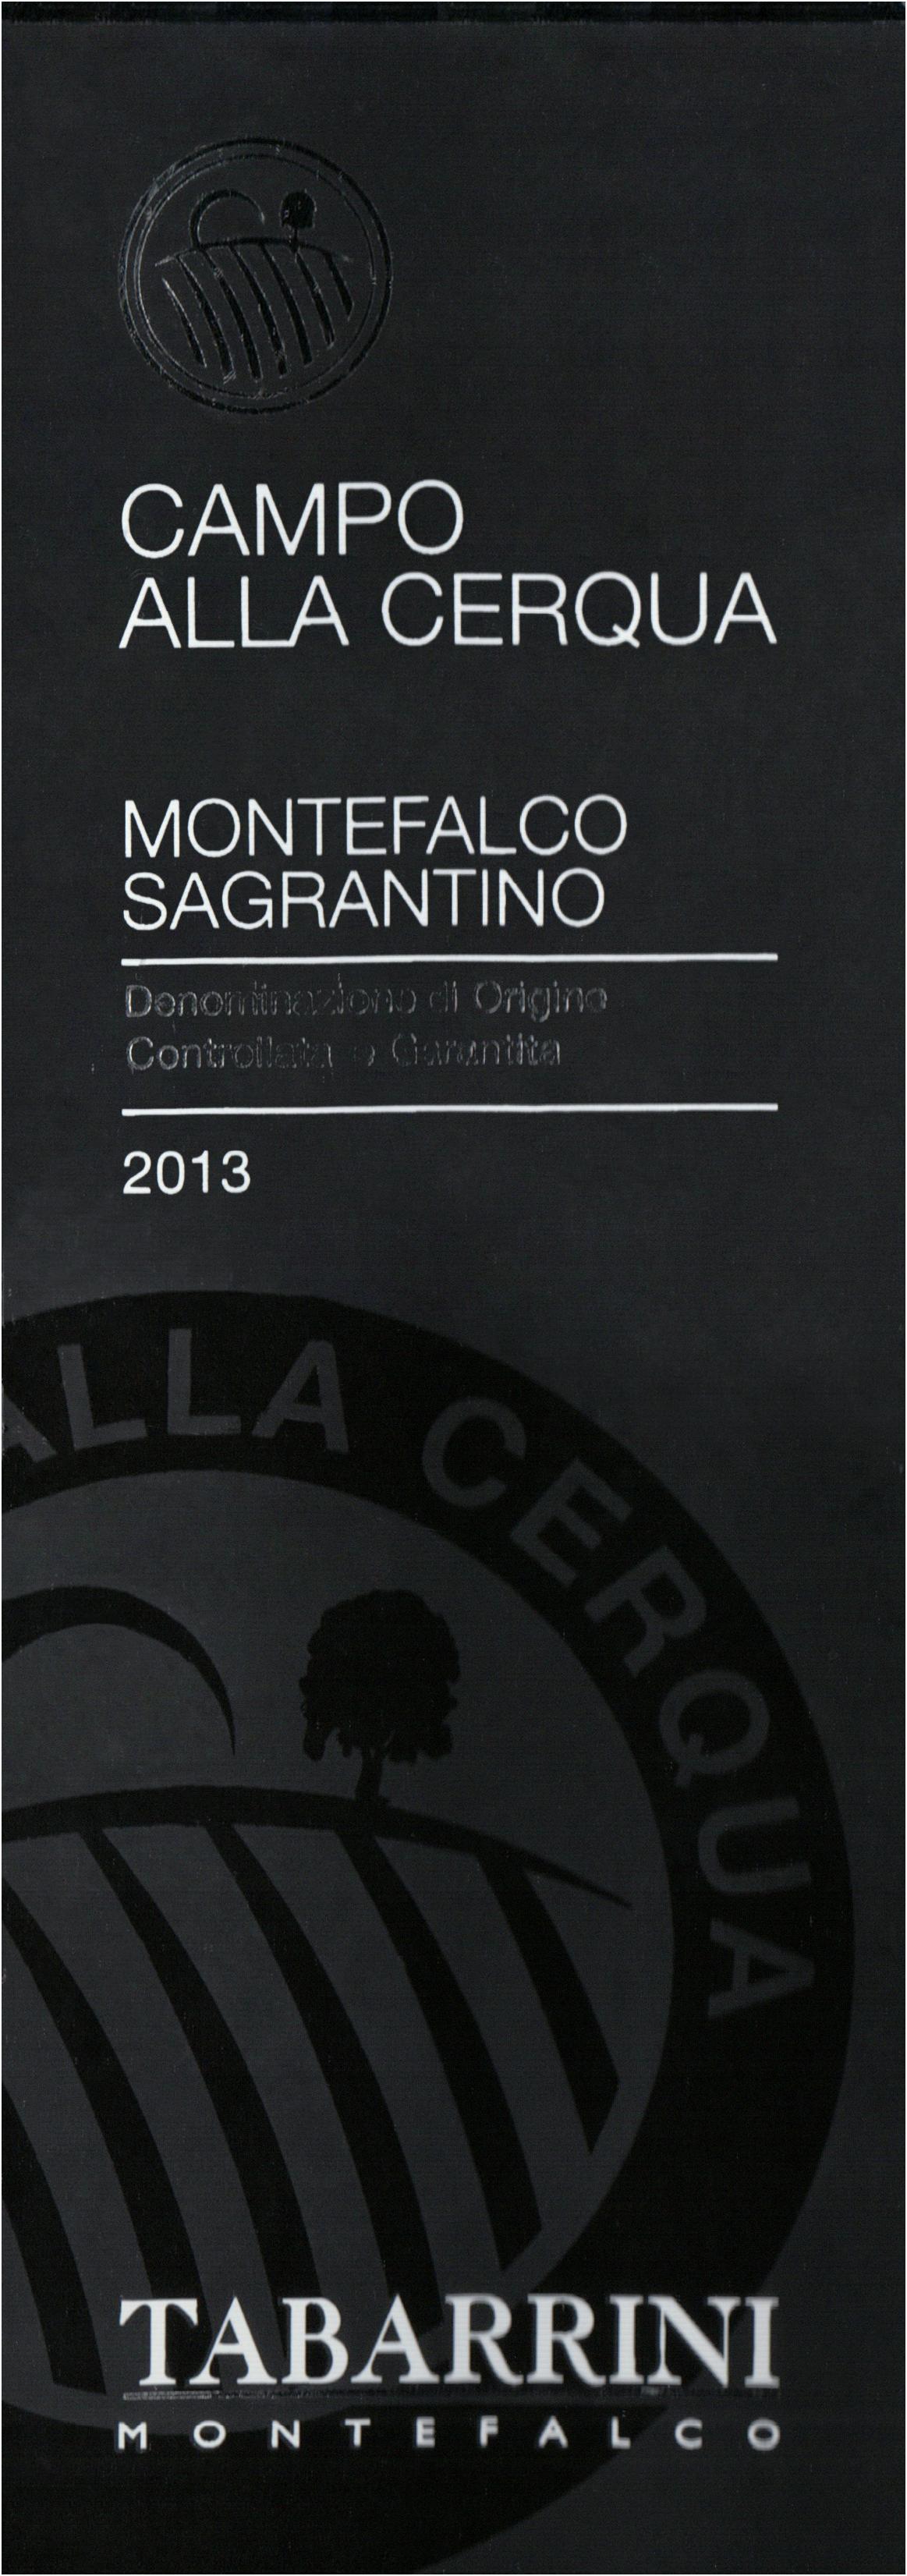 Tabarrini Montefalco Sagrantino Campo Alla Cerqua 2013